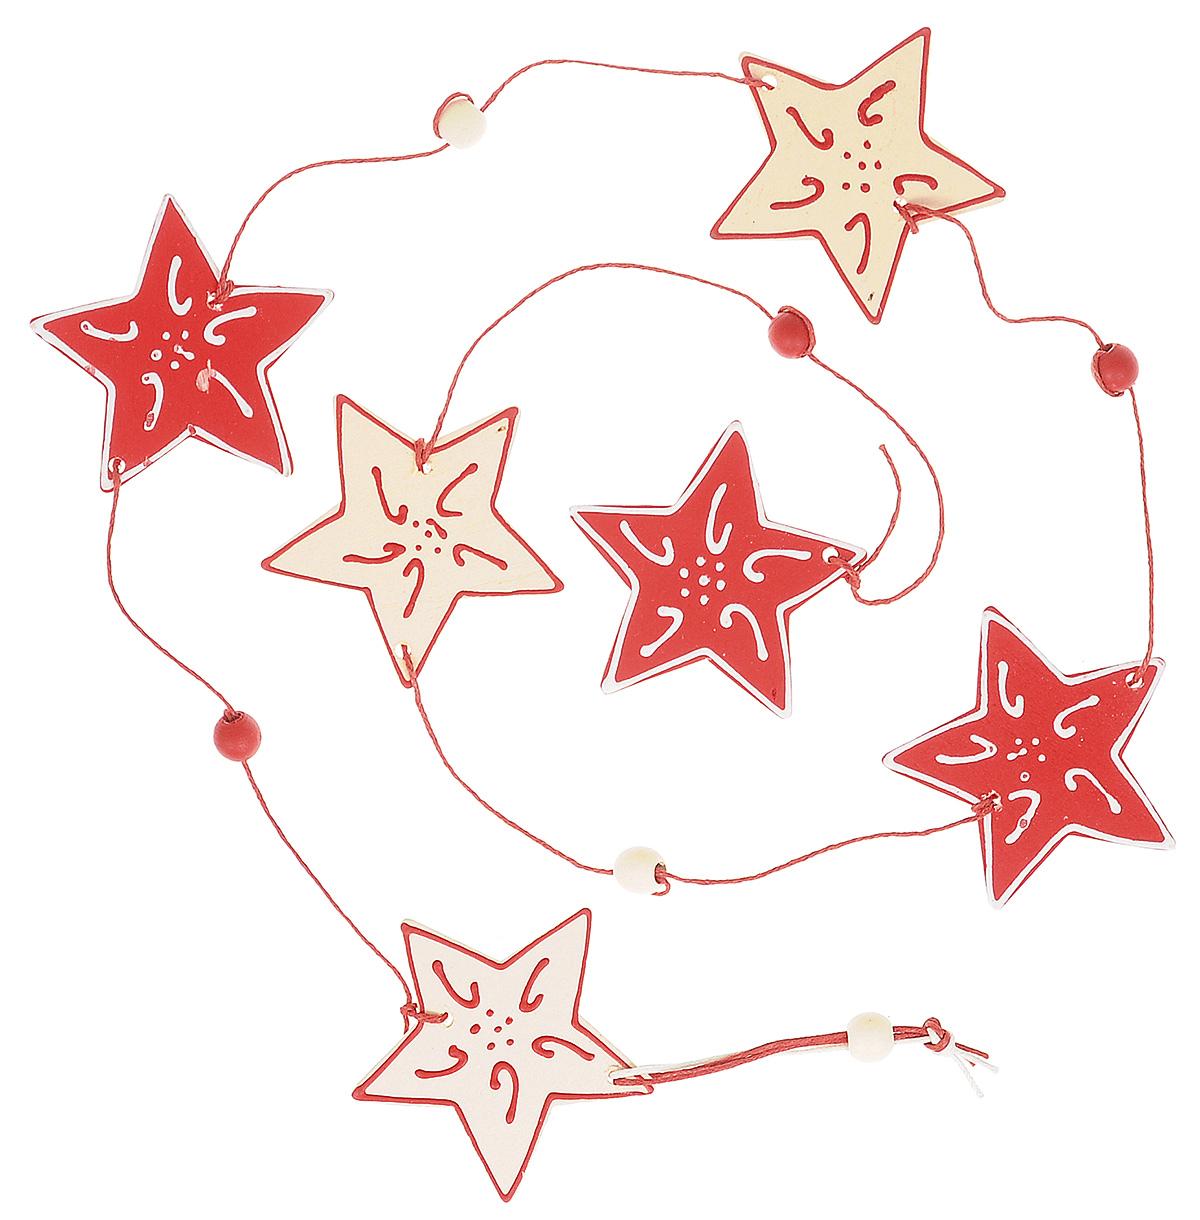 Новогоднее подвесное украшение Lunten Ranta Праздничная гирлянда, длина 100 см гирлянда lunten ranta люстры 10 ламп 1 6 м